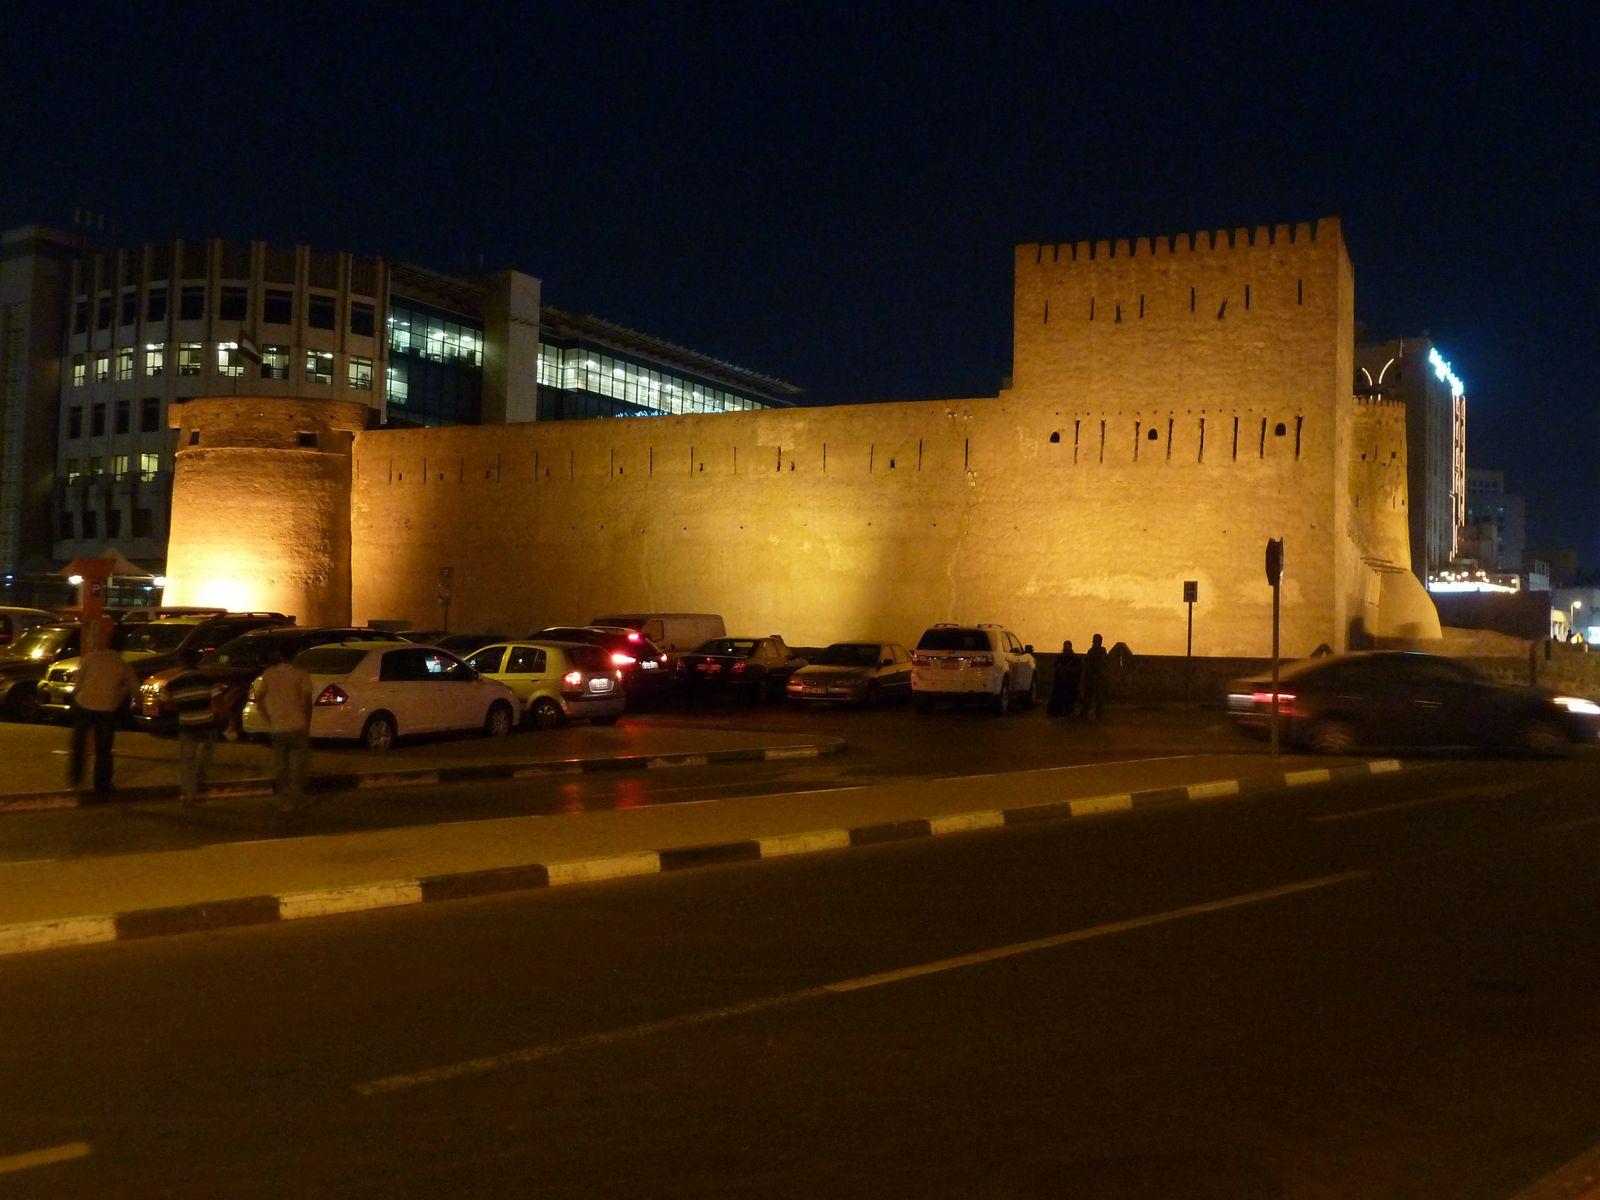 Dubaiî historique - Crédit photographique - PP